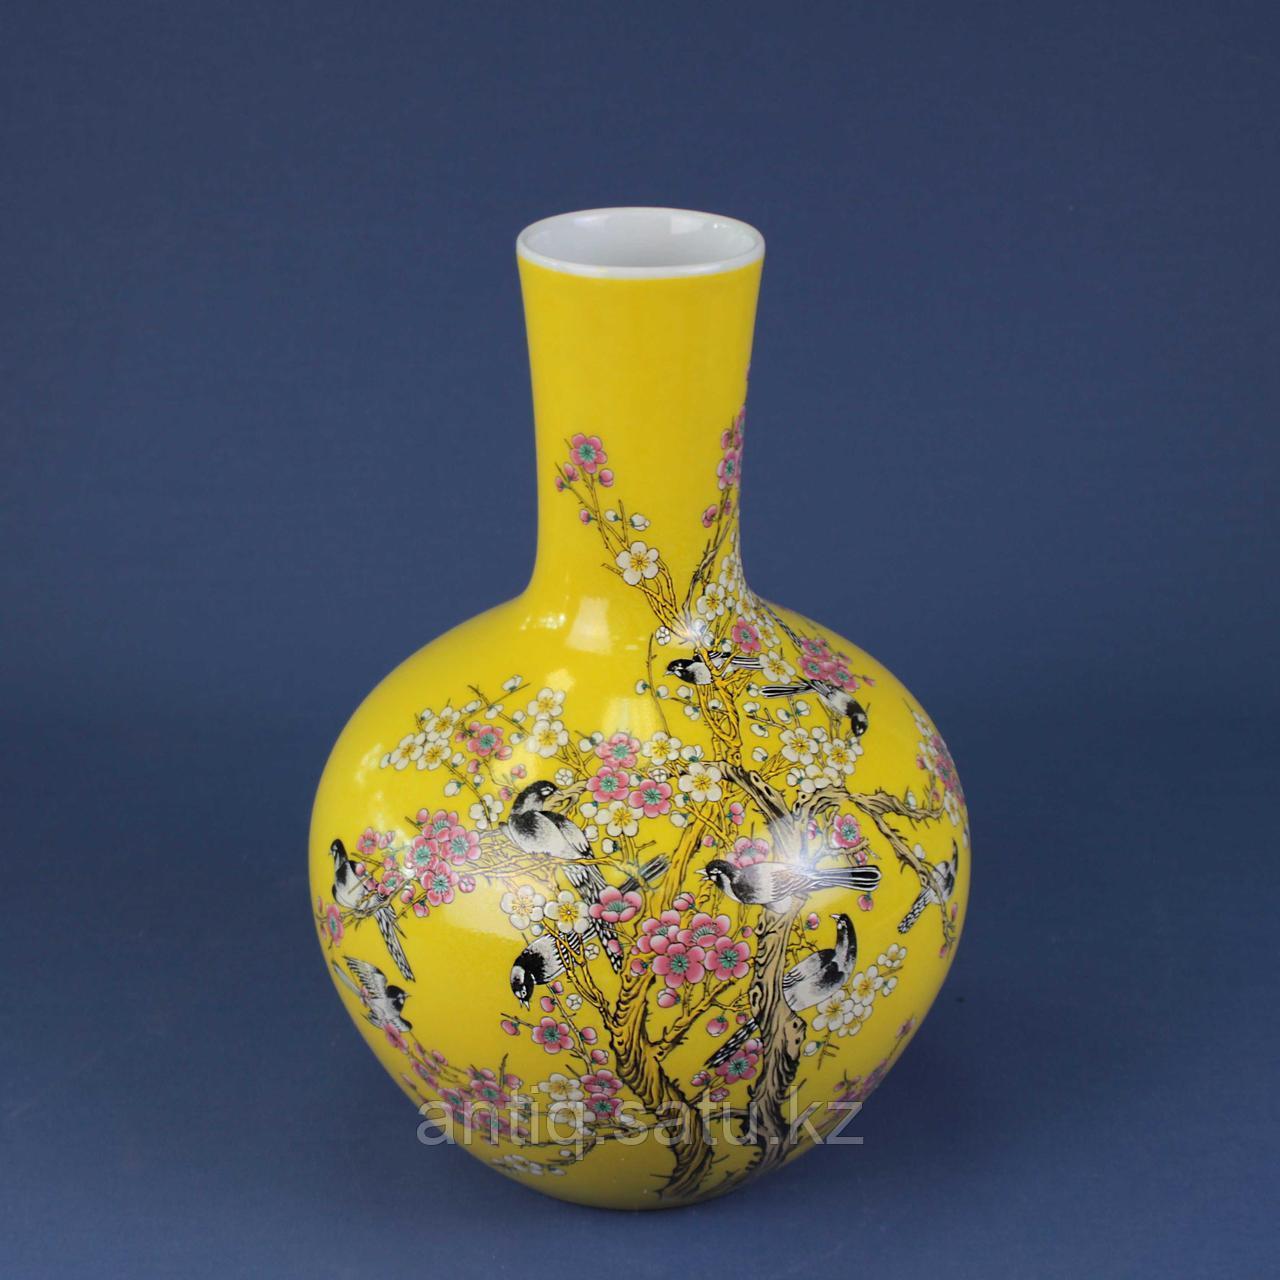 Коллекционная ваза с сертификатом. - фото 6